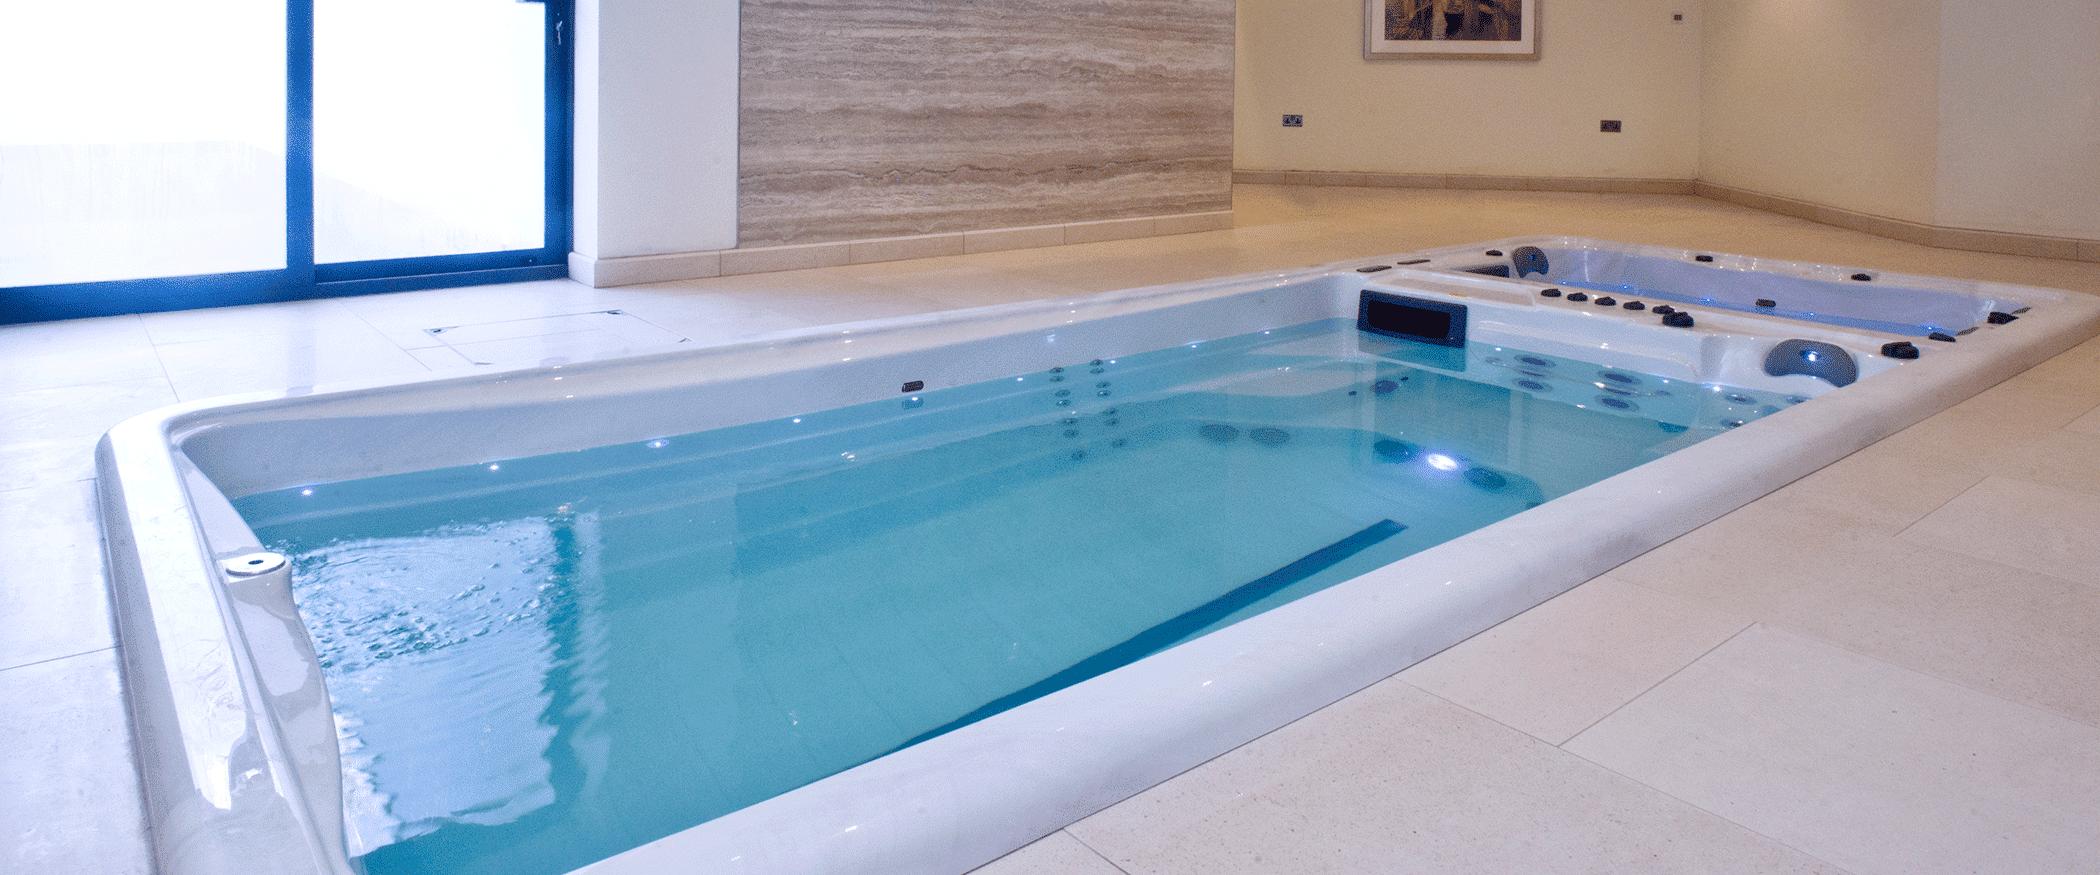 basen swim spa przeciwprad bieznia plywacka